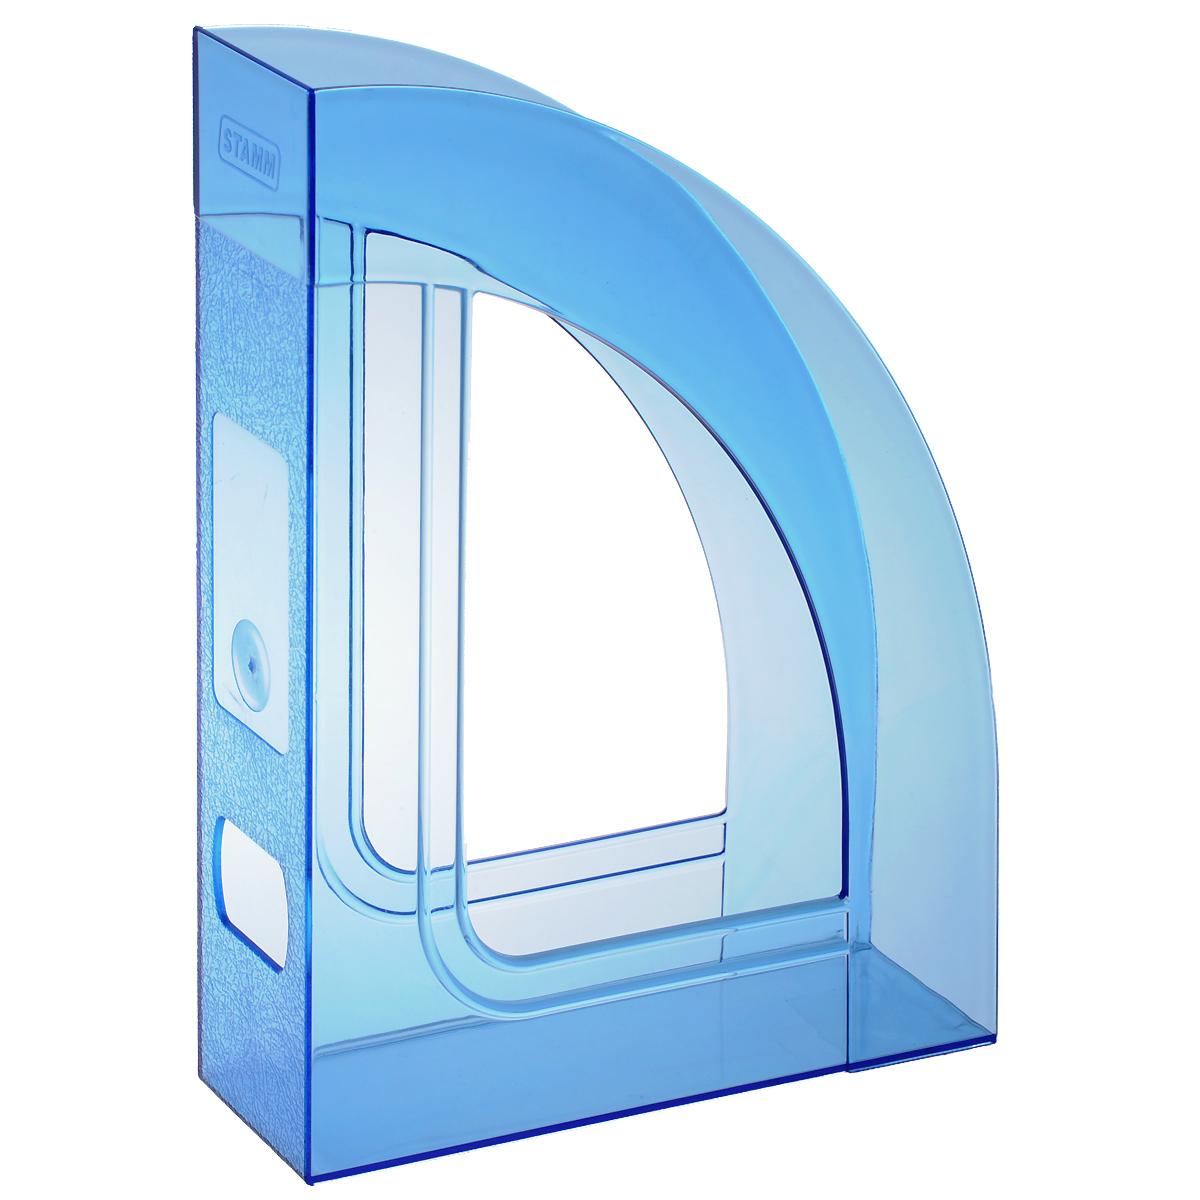 Лоток для бумаг вертикальный Стамм Респект, прозрачный, цвет: голубой. ЛТ146ЛТ146Лоток для бумаг Стамм Респект выполнен в современном элегантном дизайне из высококачественного прочного пластика. Одно вместительное отделение для листов формата А4 с глянцевыми боковые стенками скошенной формы. Задняя стойка украшена матовым морозным рисунком, с окошком для наклеивания этикетки. Этикетка прилагается. Лоток для бумаг станет незаменимым помощником для работы с бумагами дома или в офисе, а его стильный дизайн впишется в любой интерьер. Благодаря лотку для бумаг, важные бумаги и документы всегда будут под рукой.